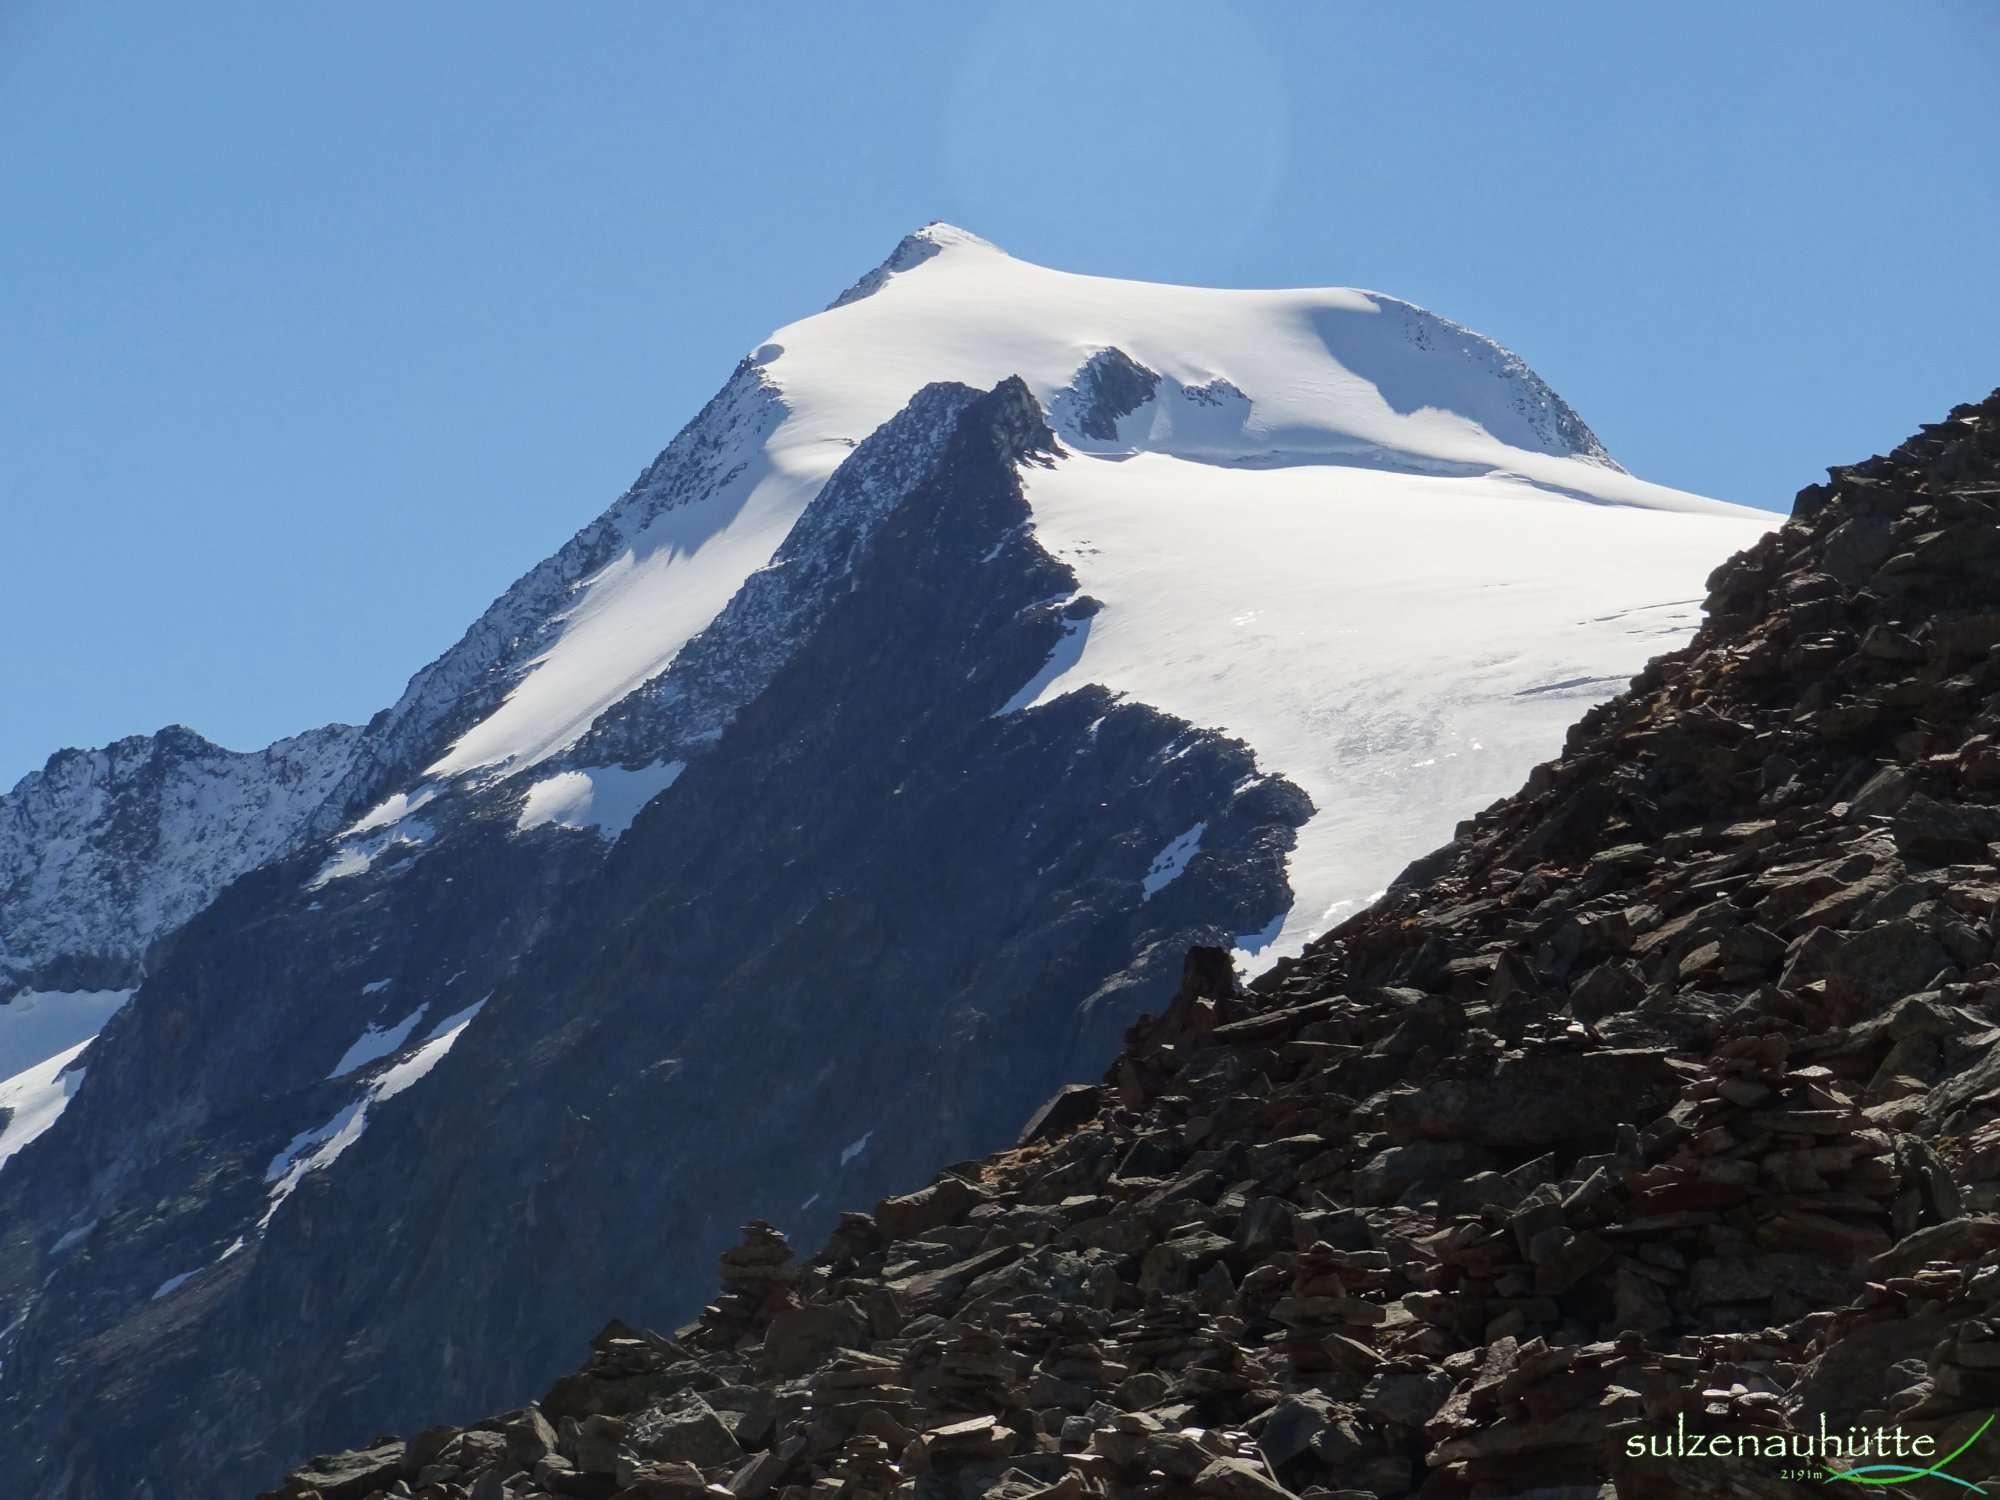 Peiljoch Blick auf Wilder Pfaff - Stubaier Höhenweg